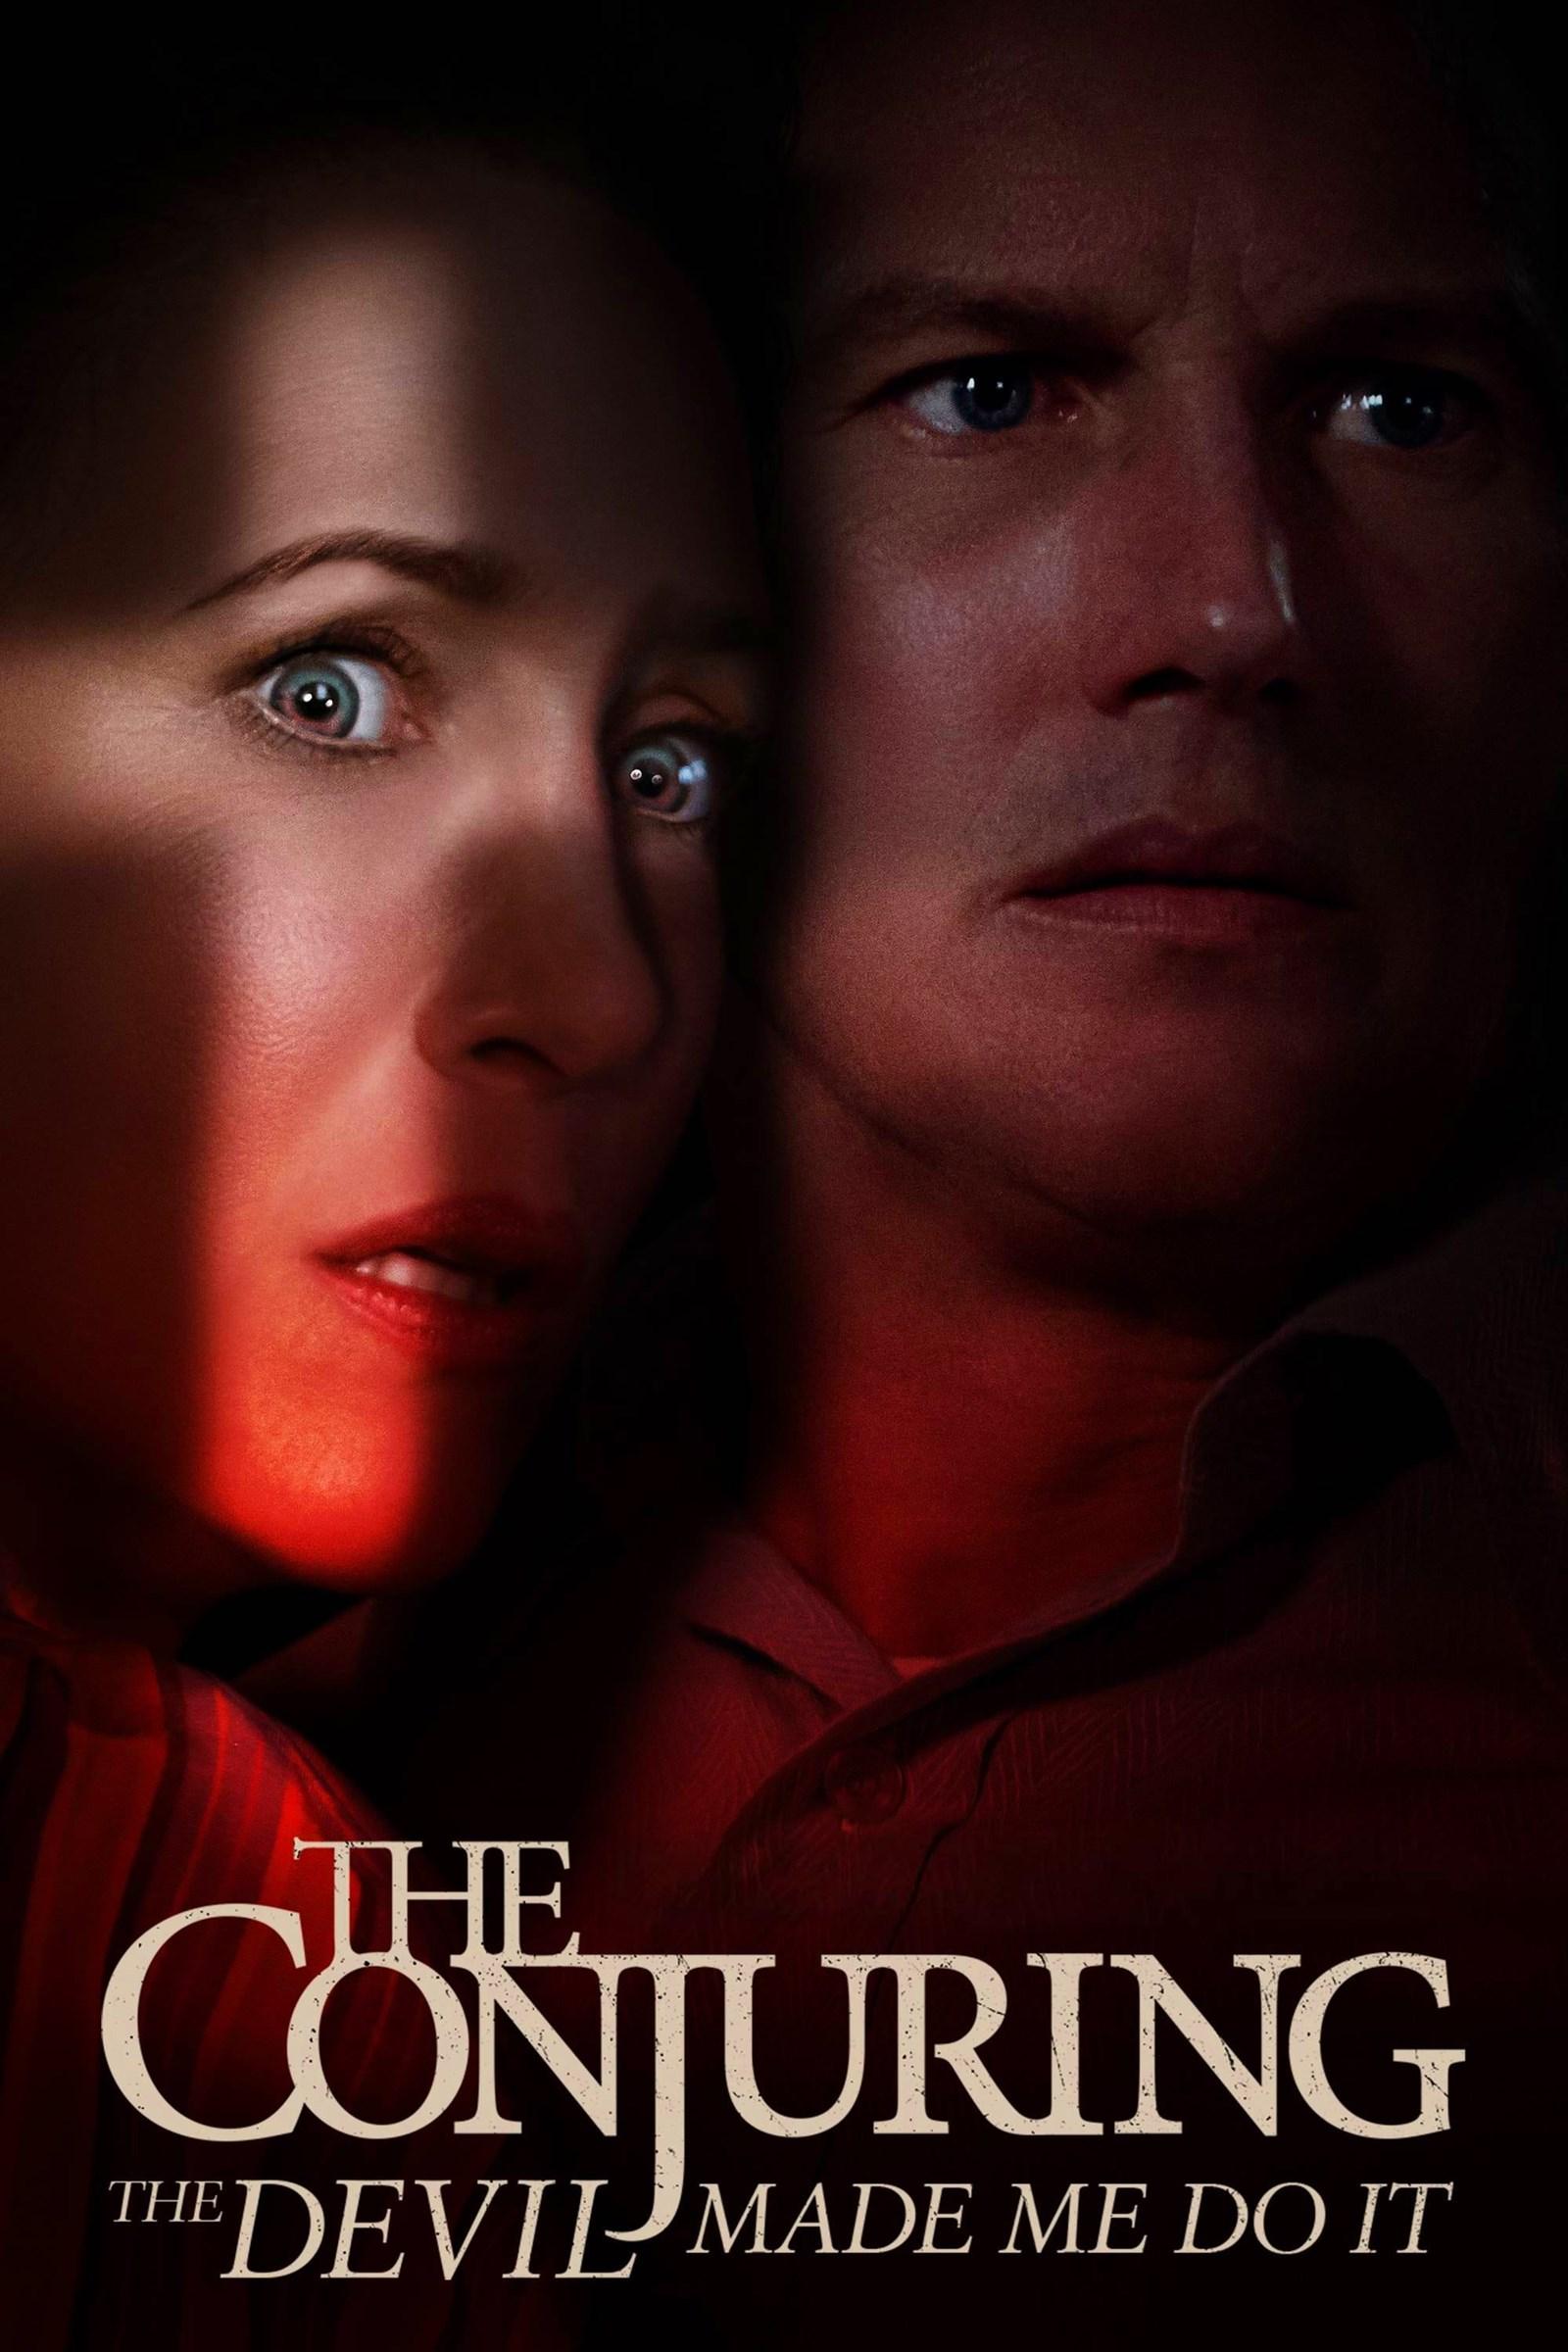 فیلم احضار: شیطان مرا وادار کرد – The Conjuring: The Devil Made Me Do It 2021